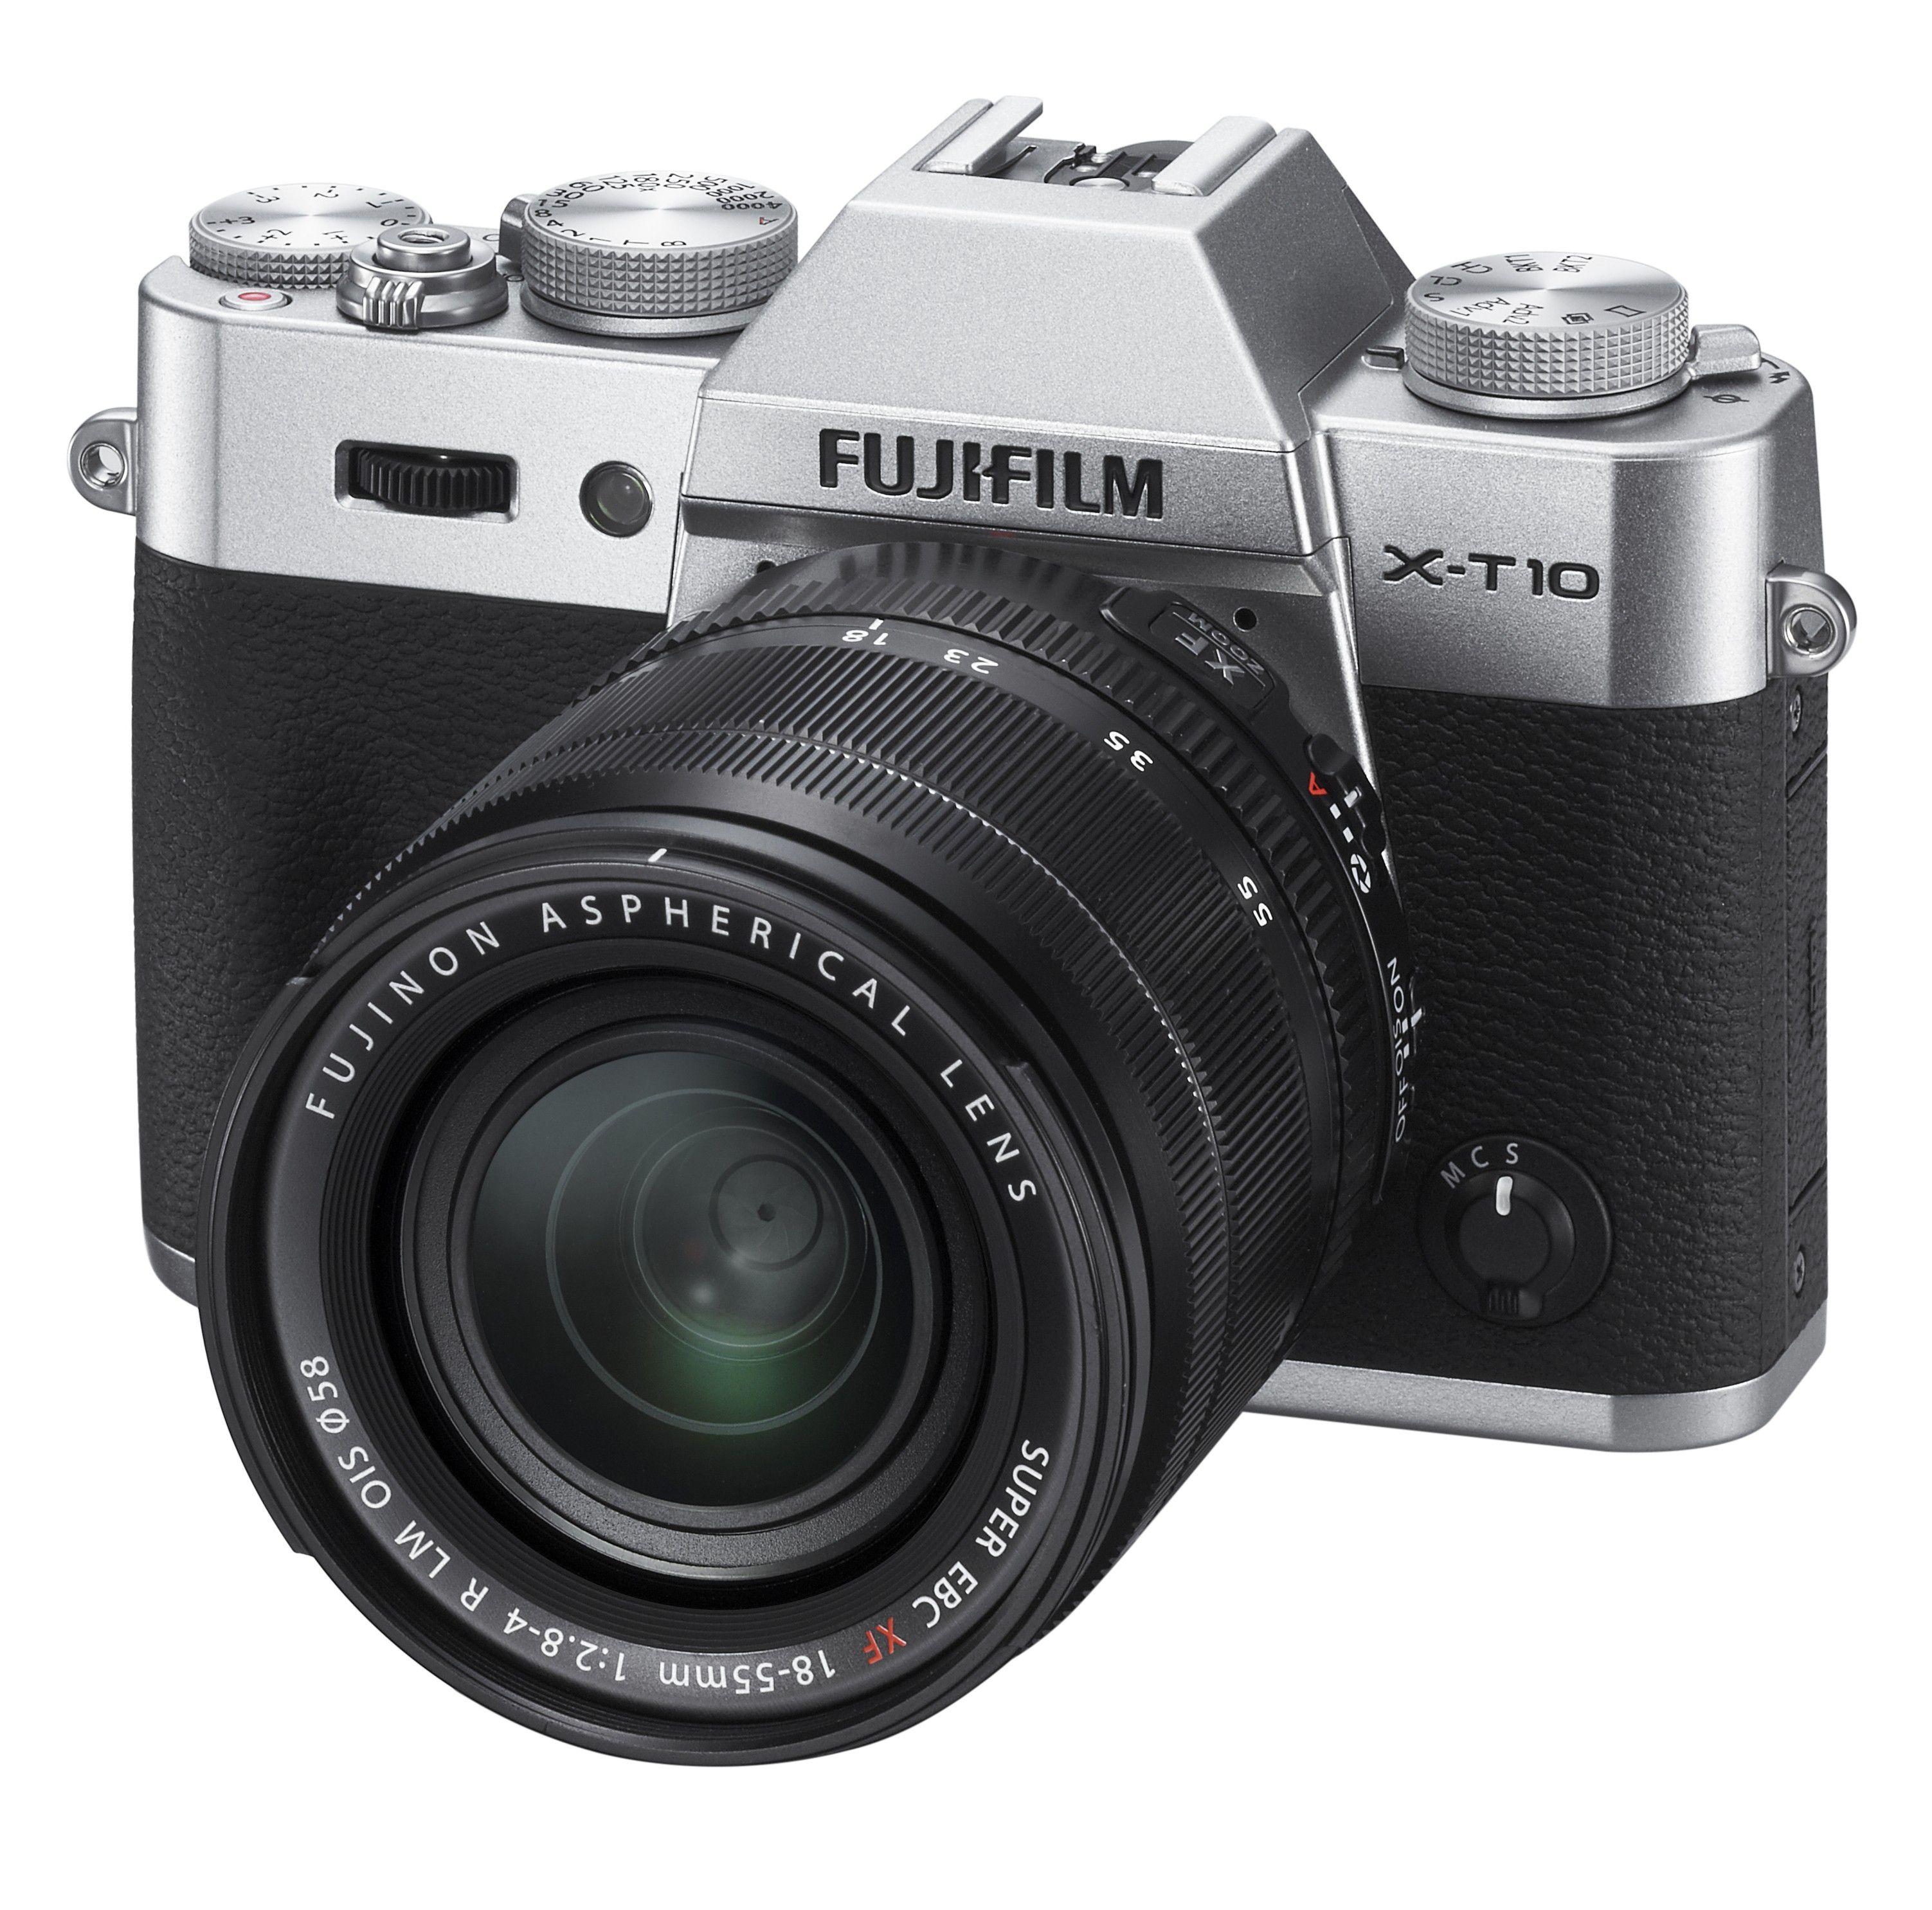 fujifilm x t10 test complet appareil photo num rique les num riques. Black Bedroom Furniture Sets. Home Design Ideas